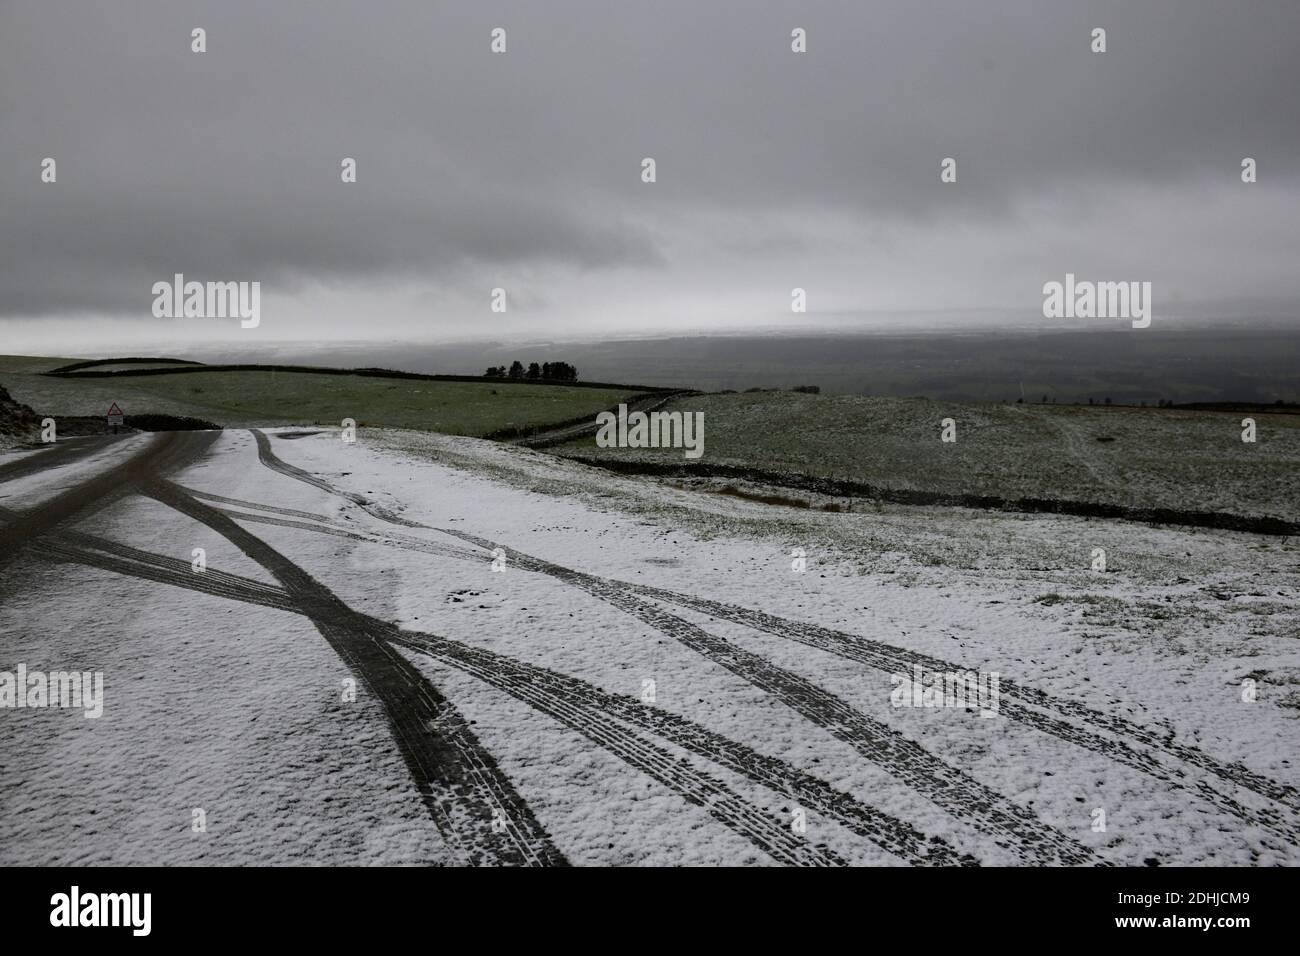 La photo est une scène neigeuse dans les Yorkshire Dales au-dessus de Leyburn. Météo neige hiver neige neige neige neige neige neige neige Banque D'Images